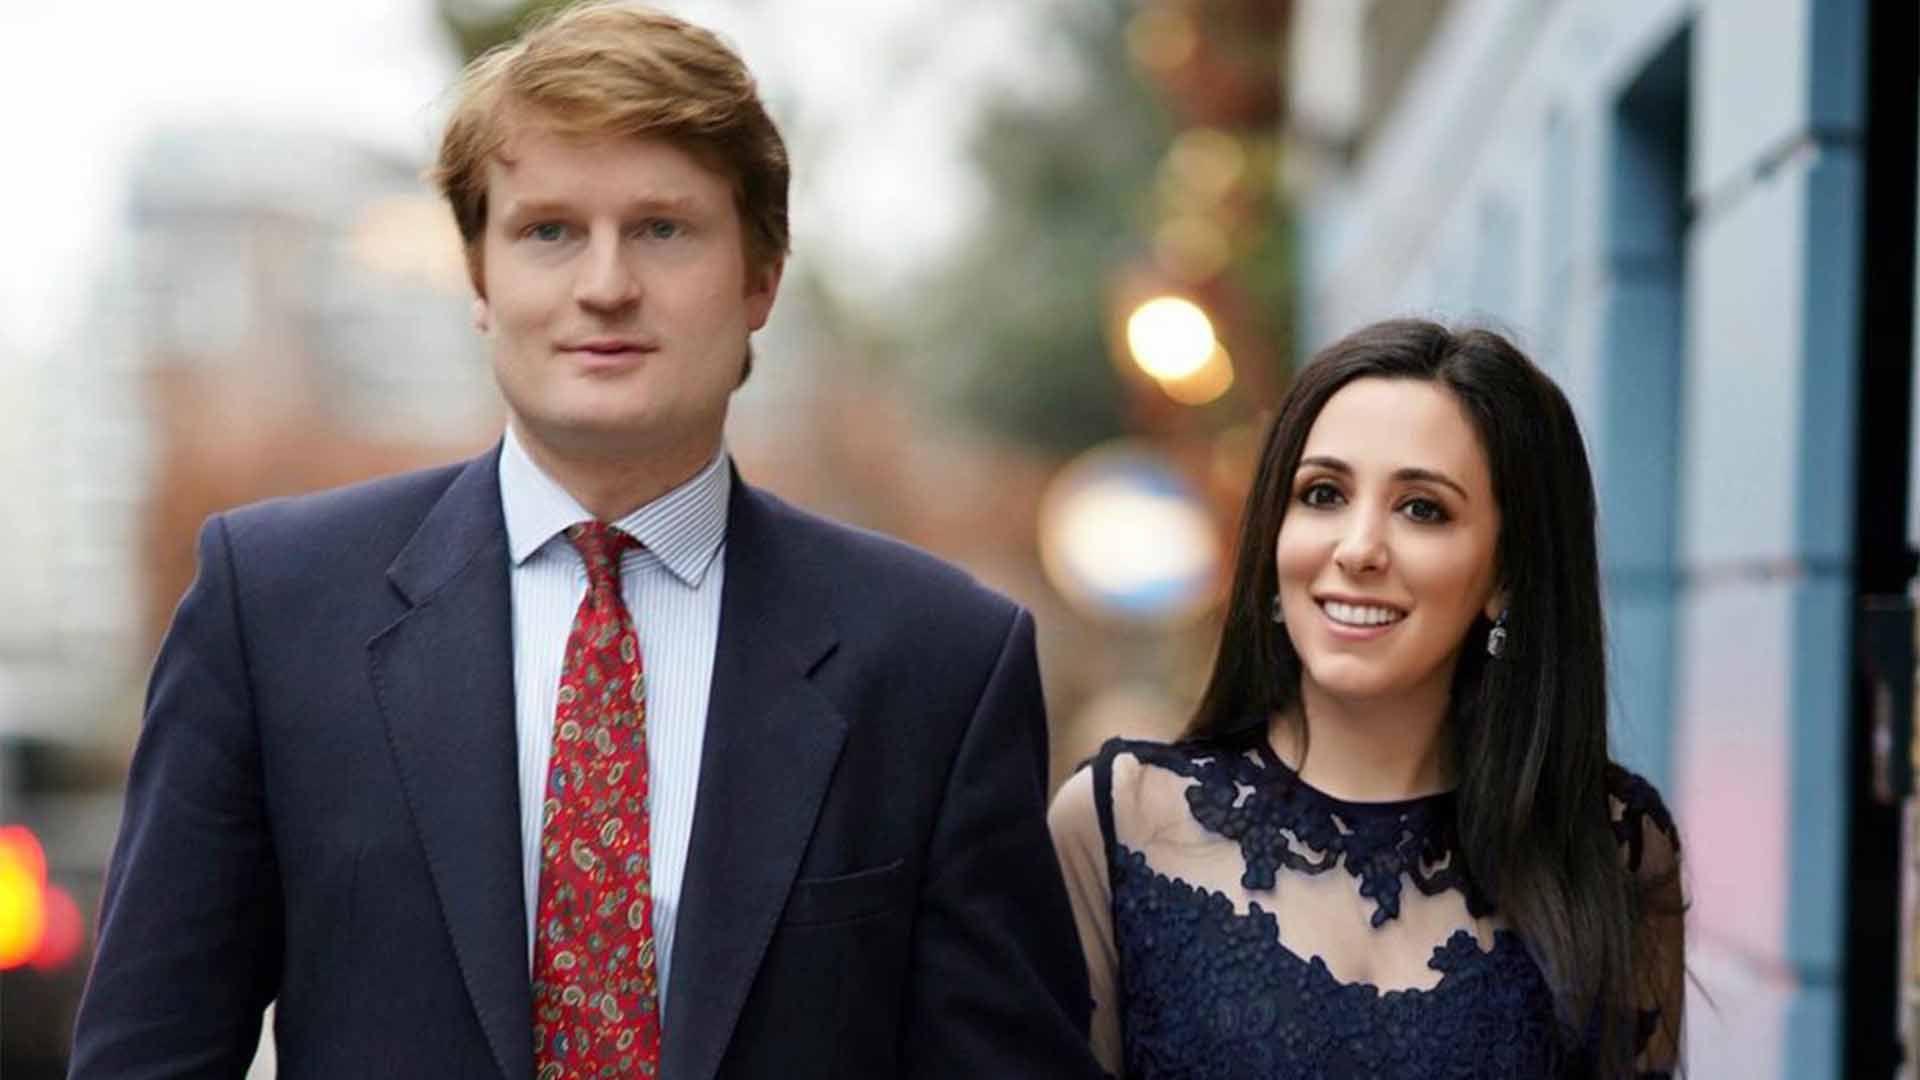 Hanna Jaff y Henry se conocieron en el verano de 2019 y cuatro meses después se comprometieron en matrimonio (Foto: Instagram/@hannajaff)